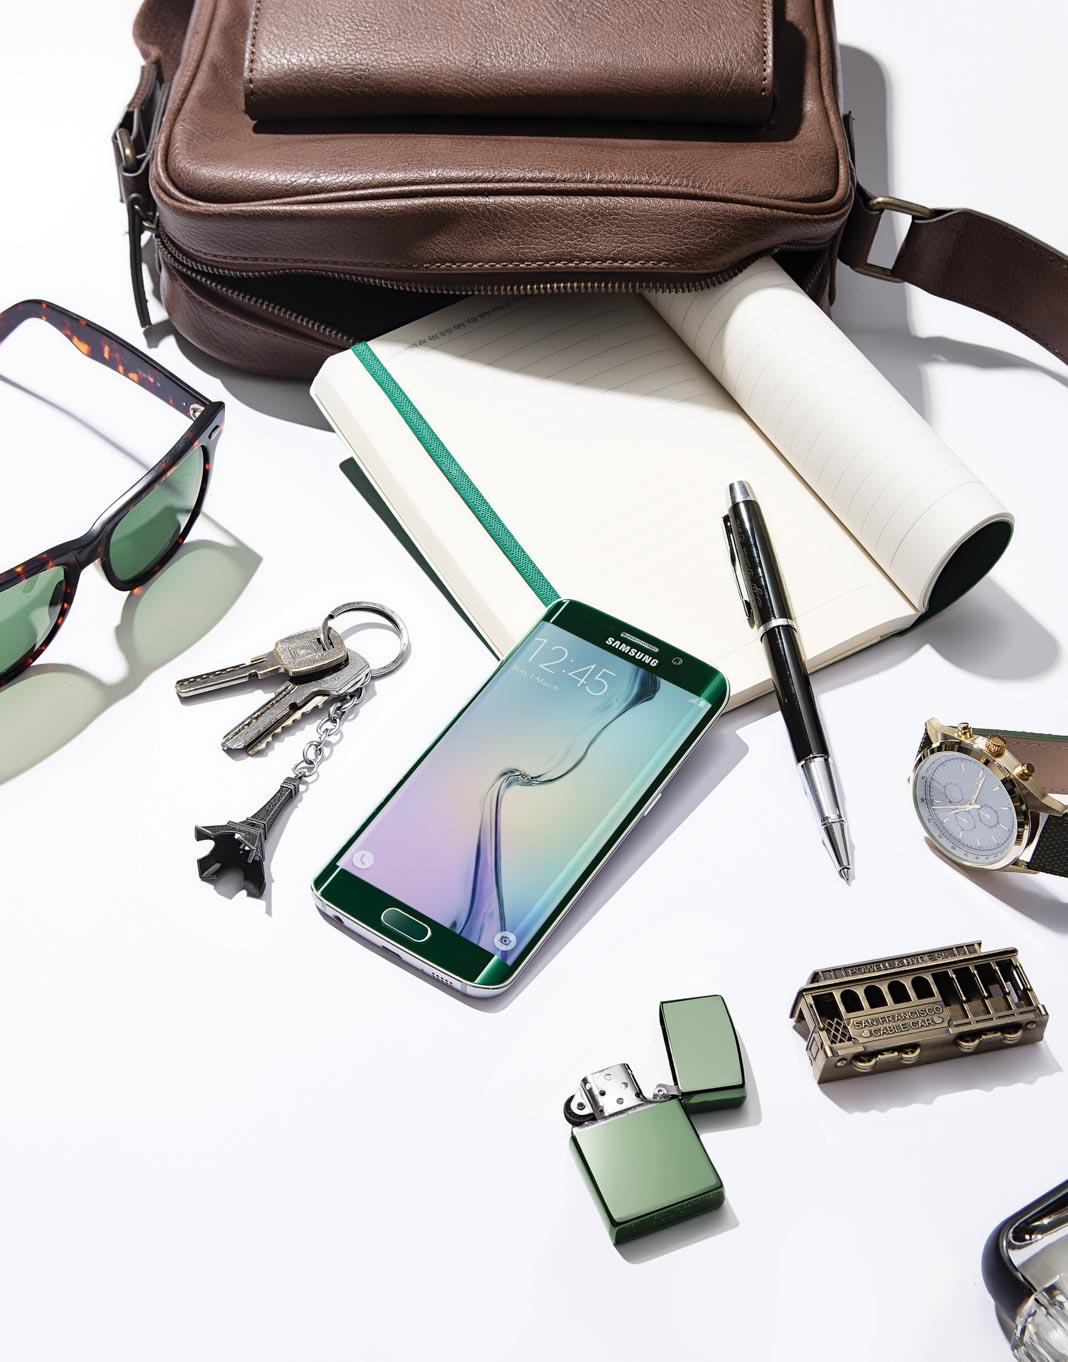 Samsung-Galaxy-S6-edge-LCCT-614-2015